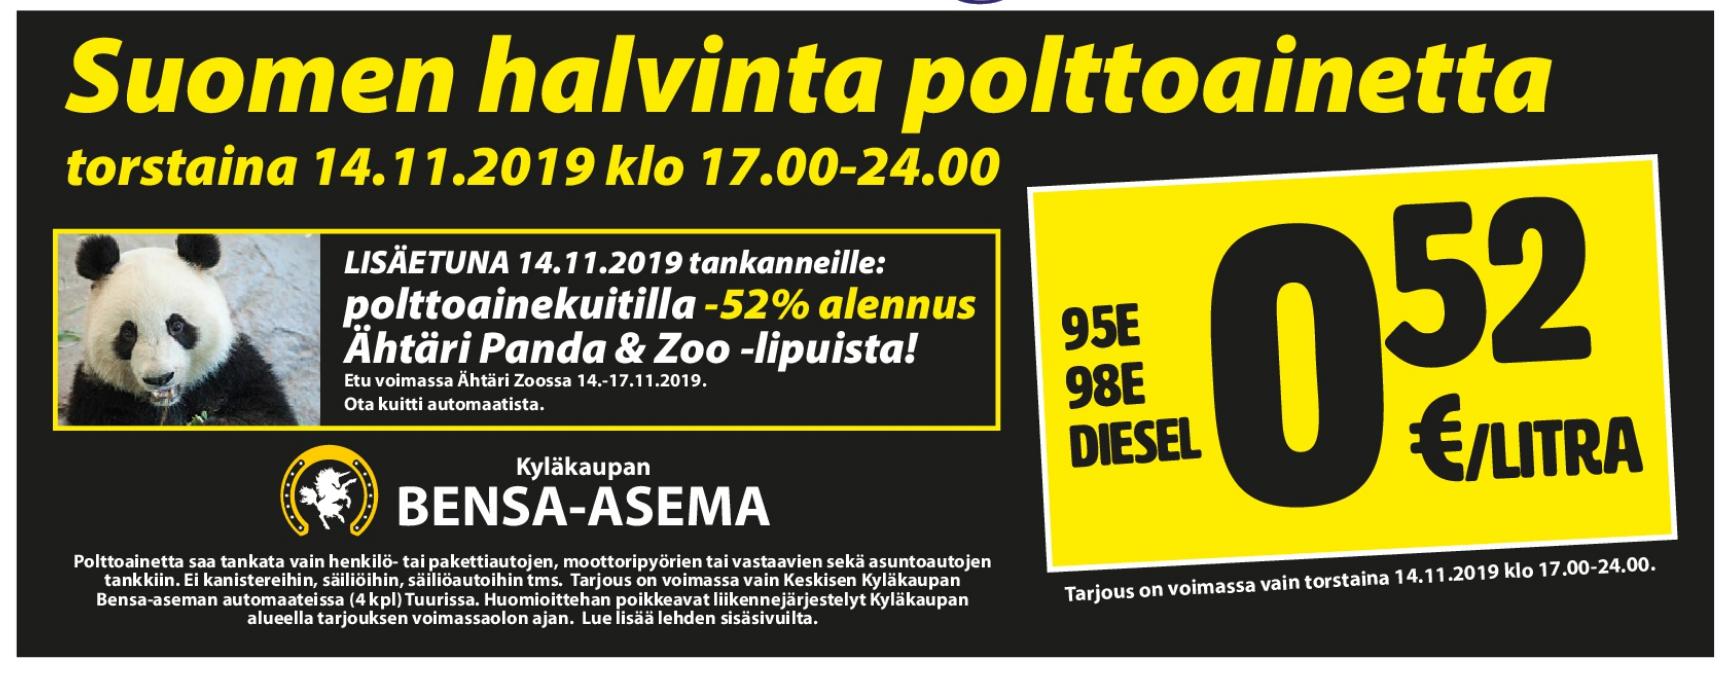 Screenshot_2019-11-13 Ykköset_46_2019.png